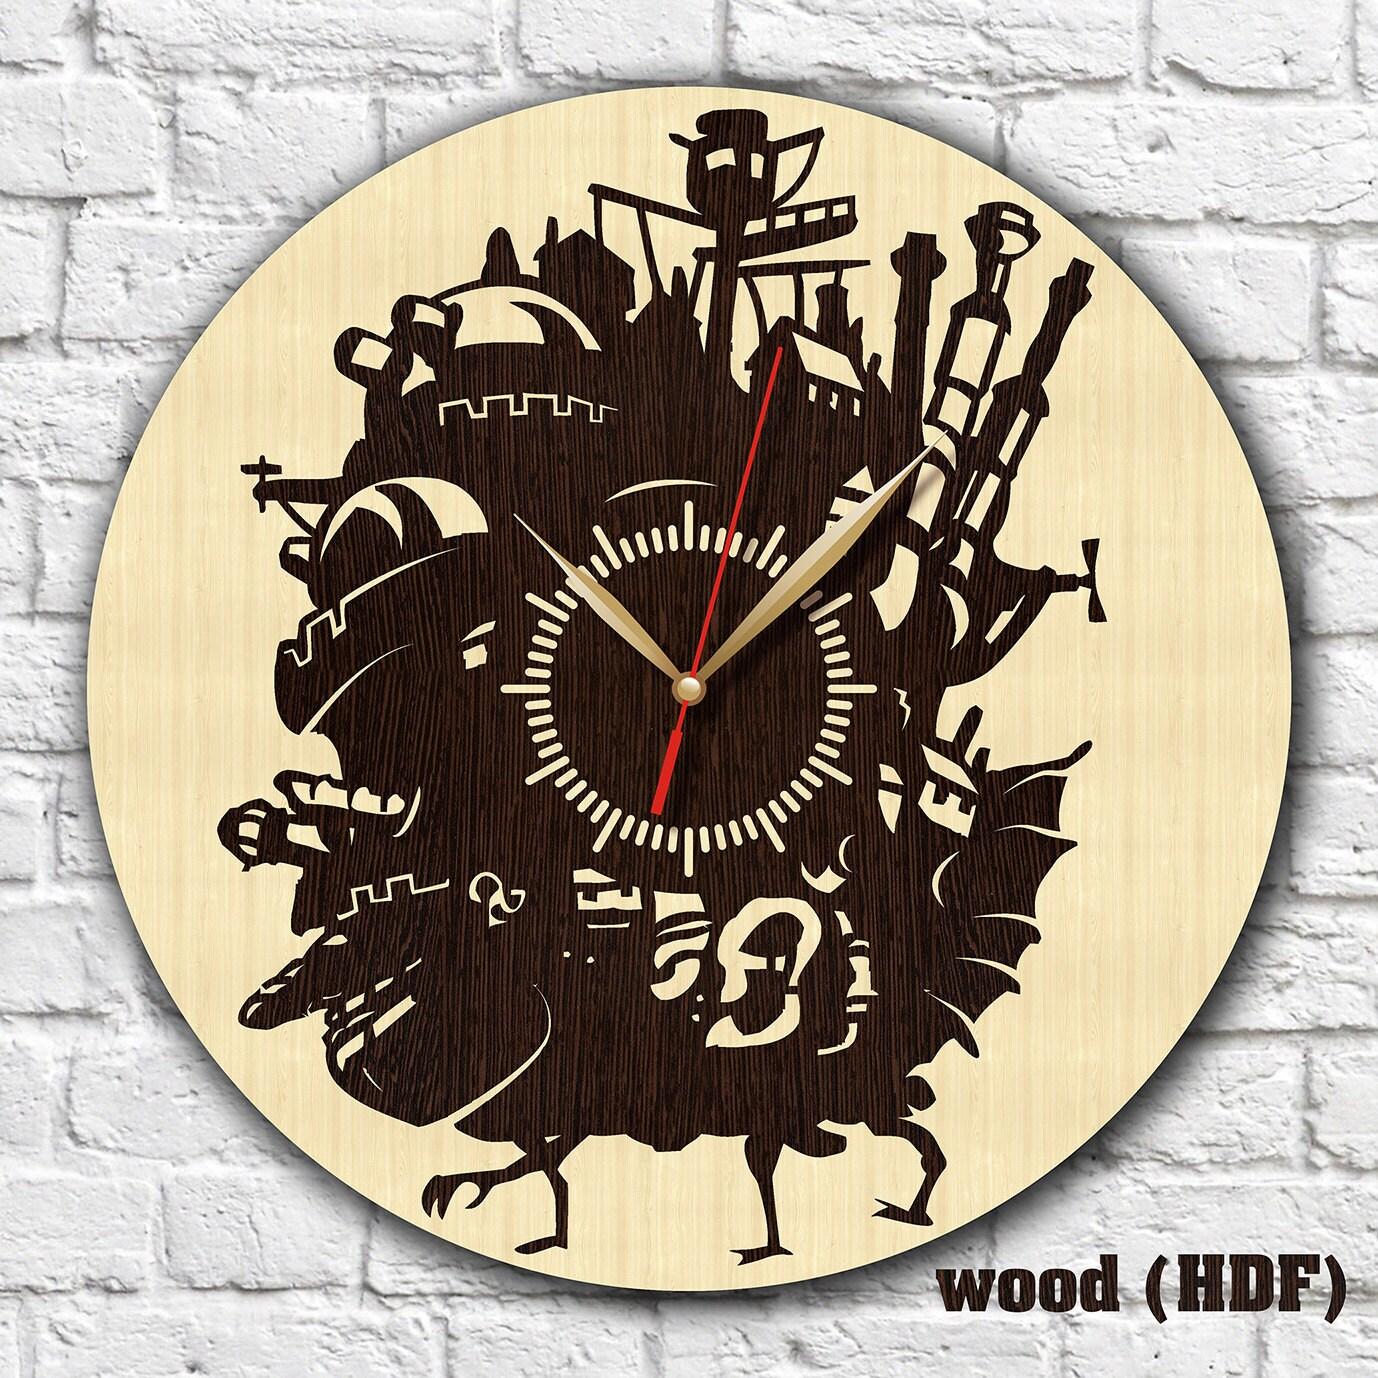 Ghibli Studio Uhr Holz Uhr HDF-Acryl Uhr Fan Geschenk